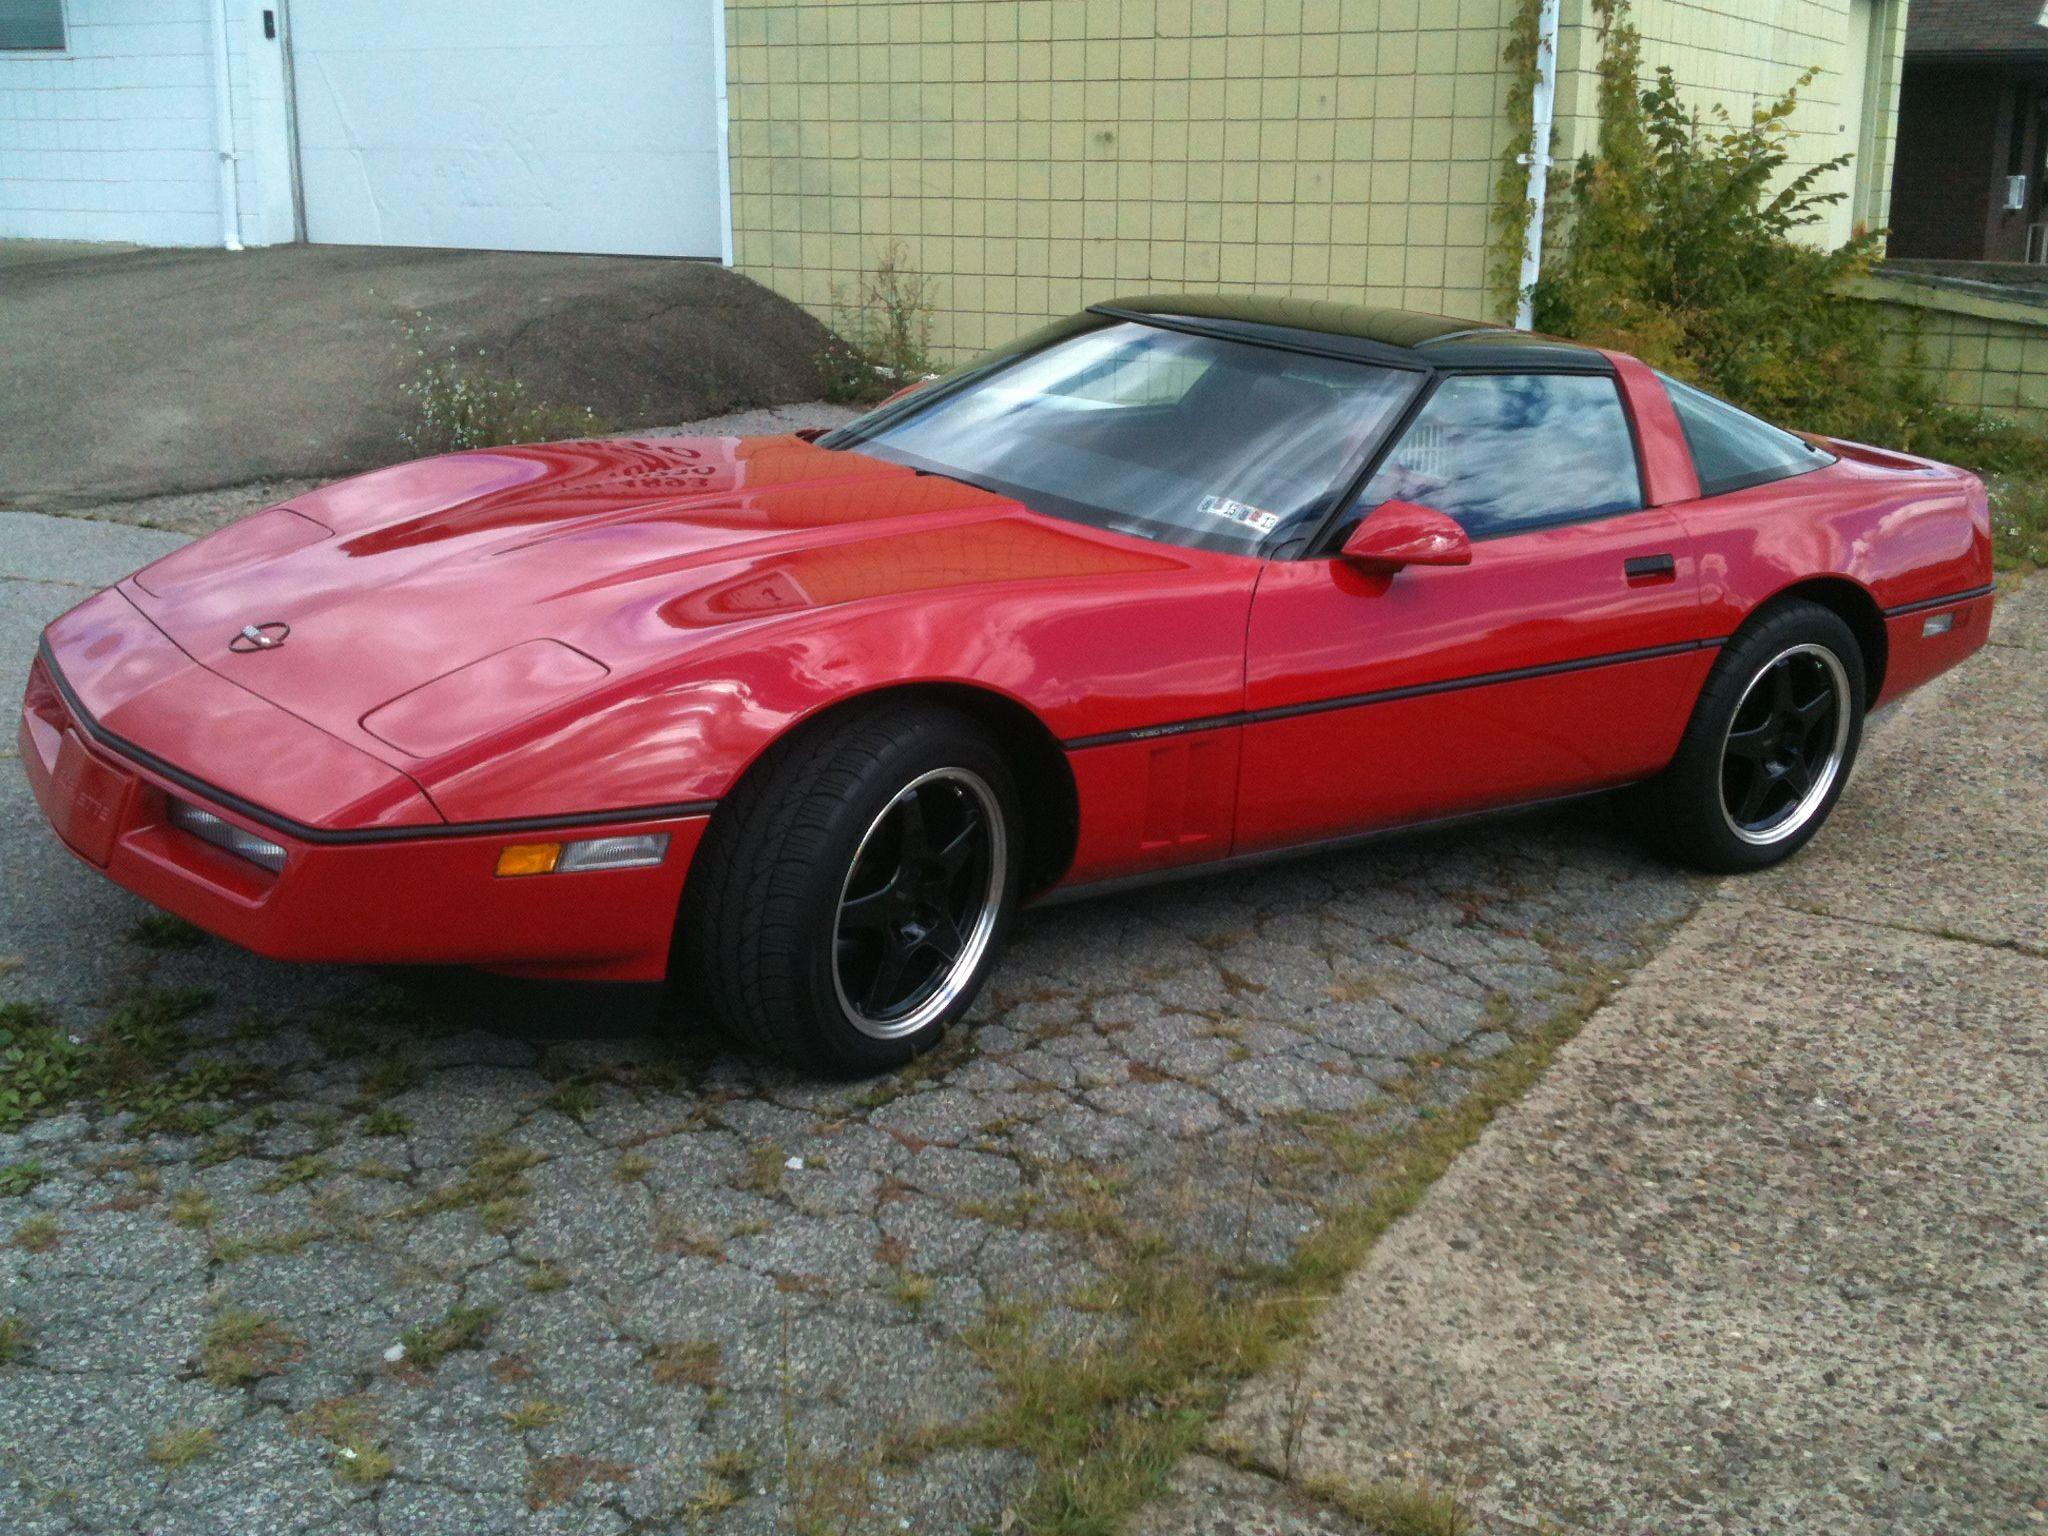 Kelebihan Kekurangan Corvette 1985 Harga